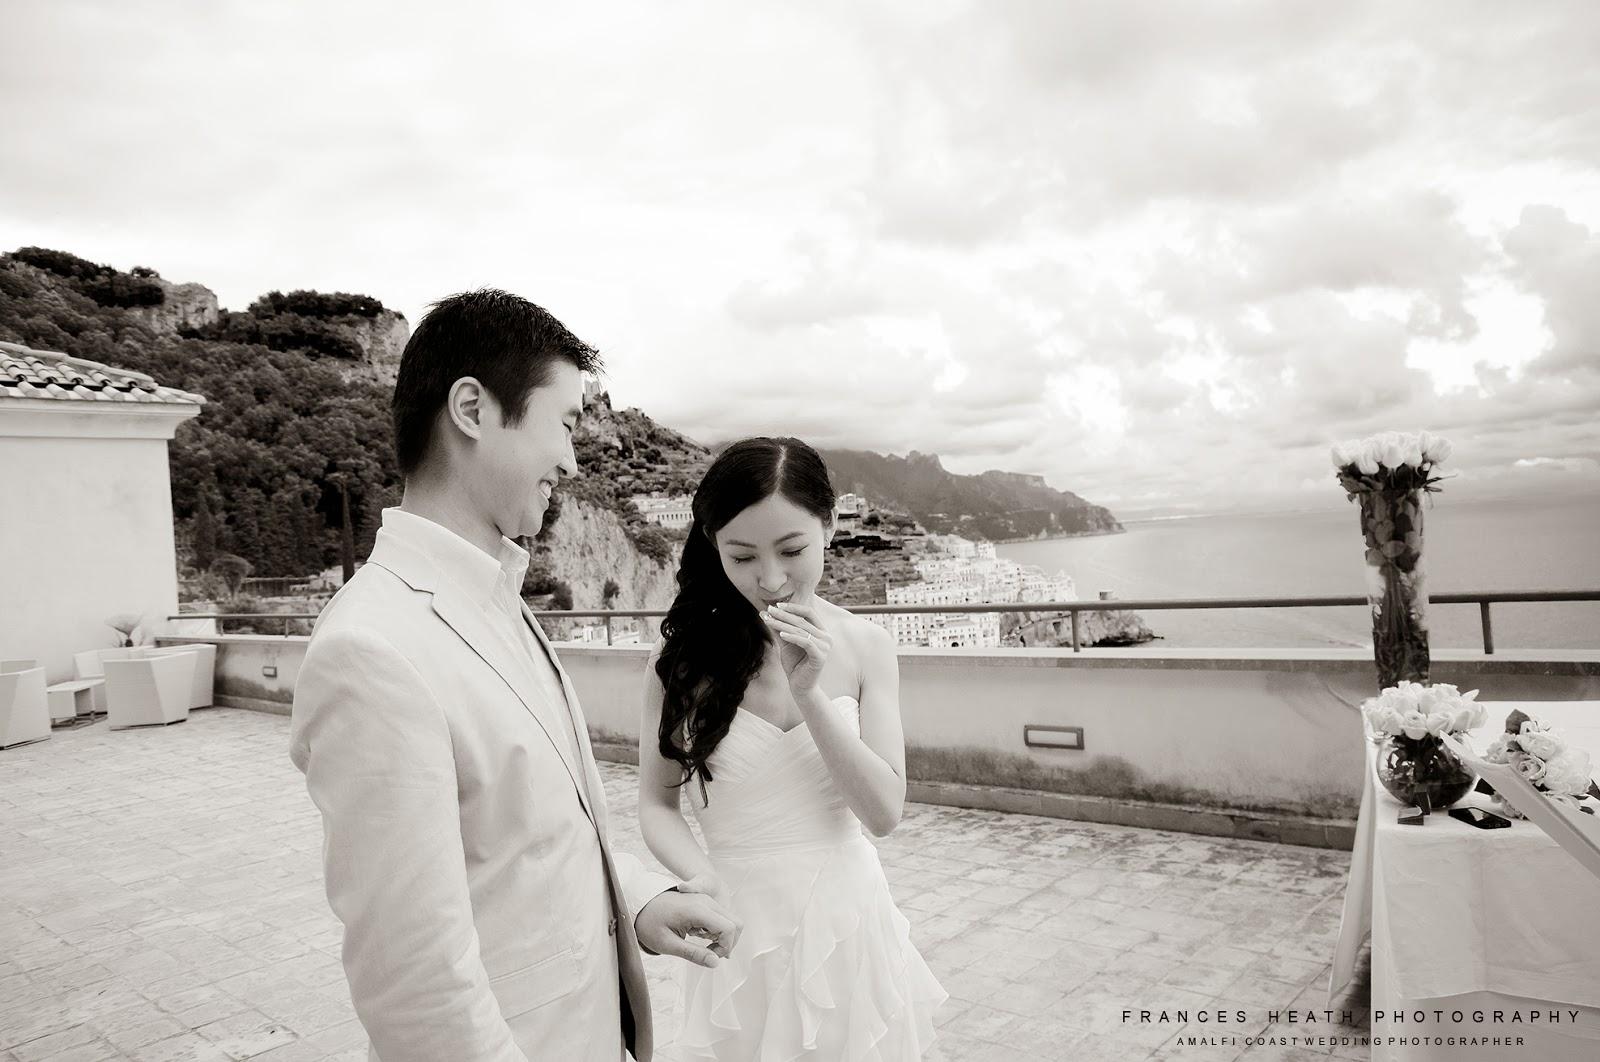 Wedding ceremony at Hotel Convento